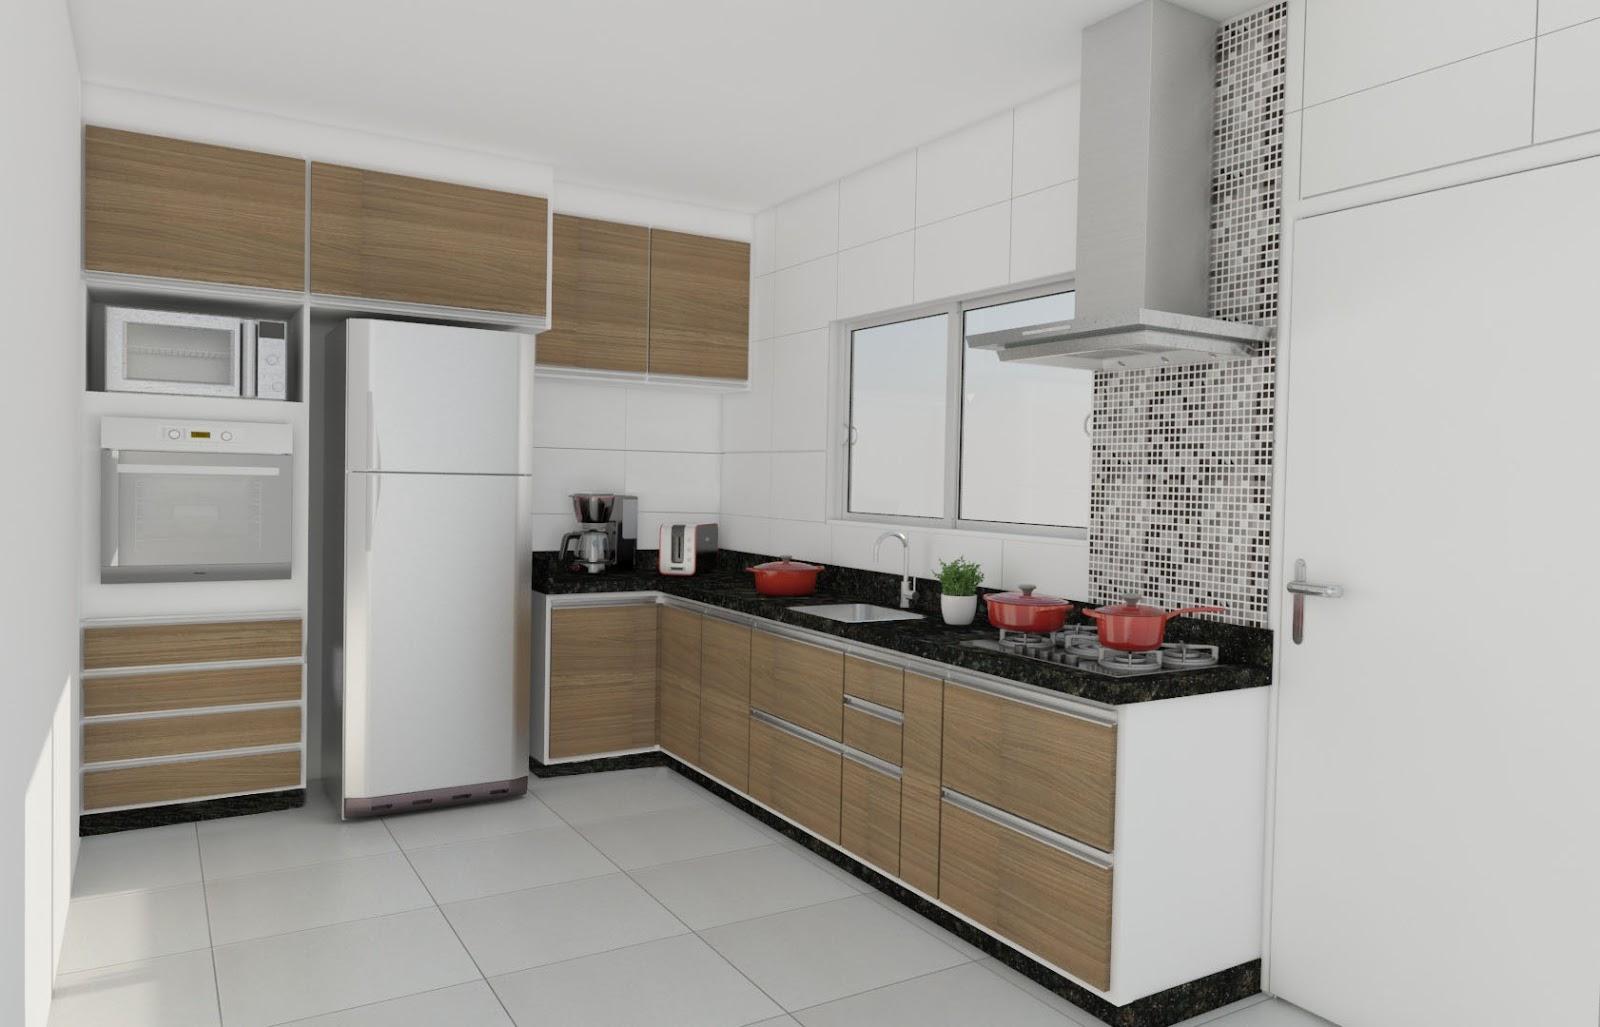 Leitora Helena! Decoração da Cozinha Pequena com Mesa e do Banheiro #6B483B 1600 1027